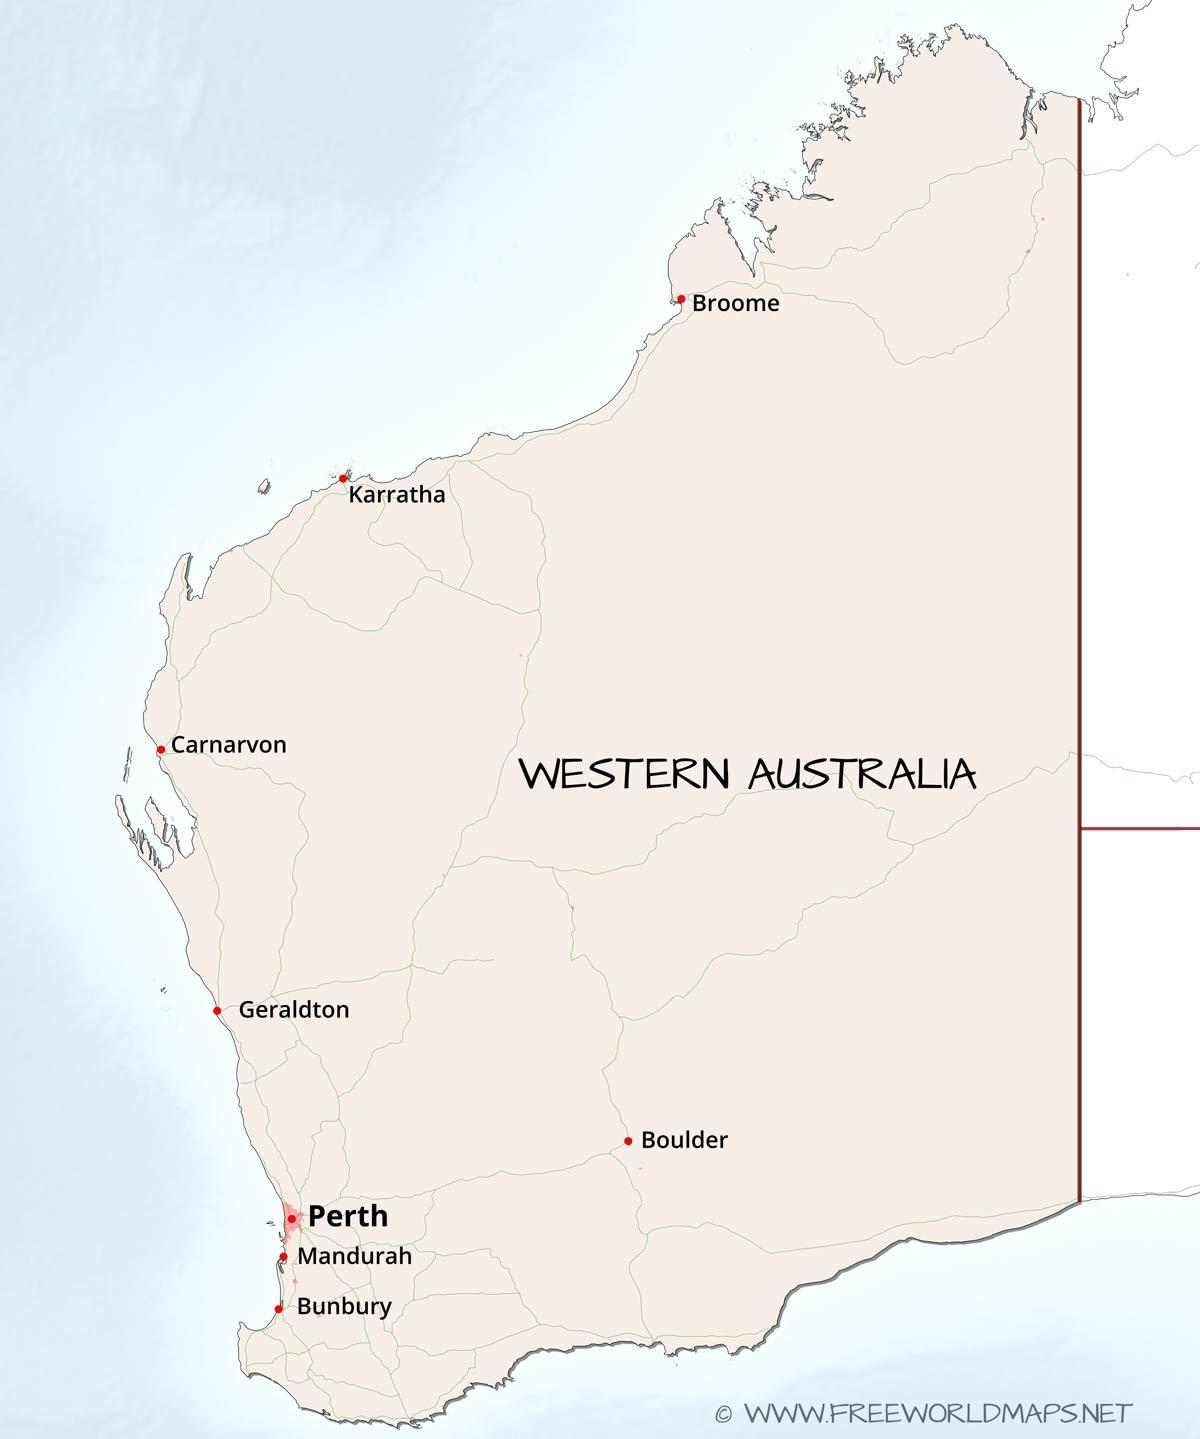 Western Australia maps